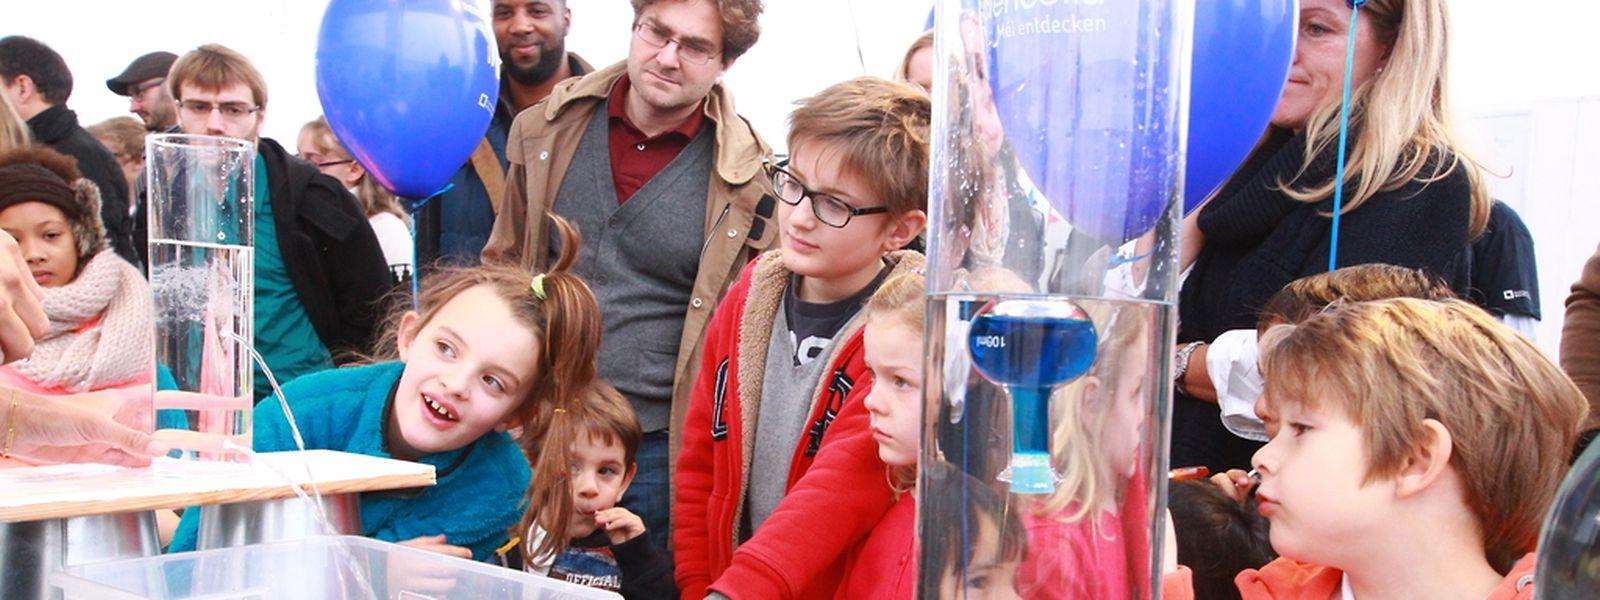 Staunende Blicke: Kleine und große Forscher durften selbst an den Experimenten teilnehmen.